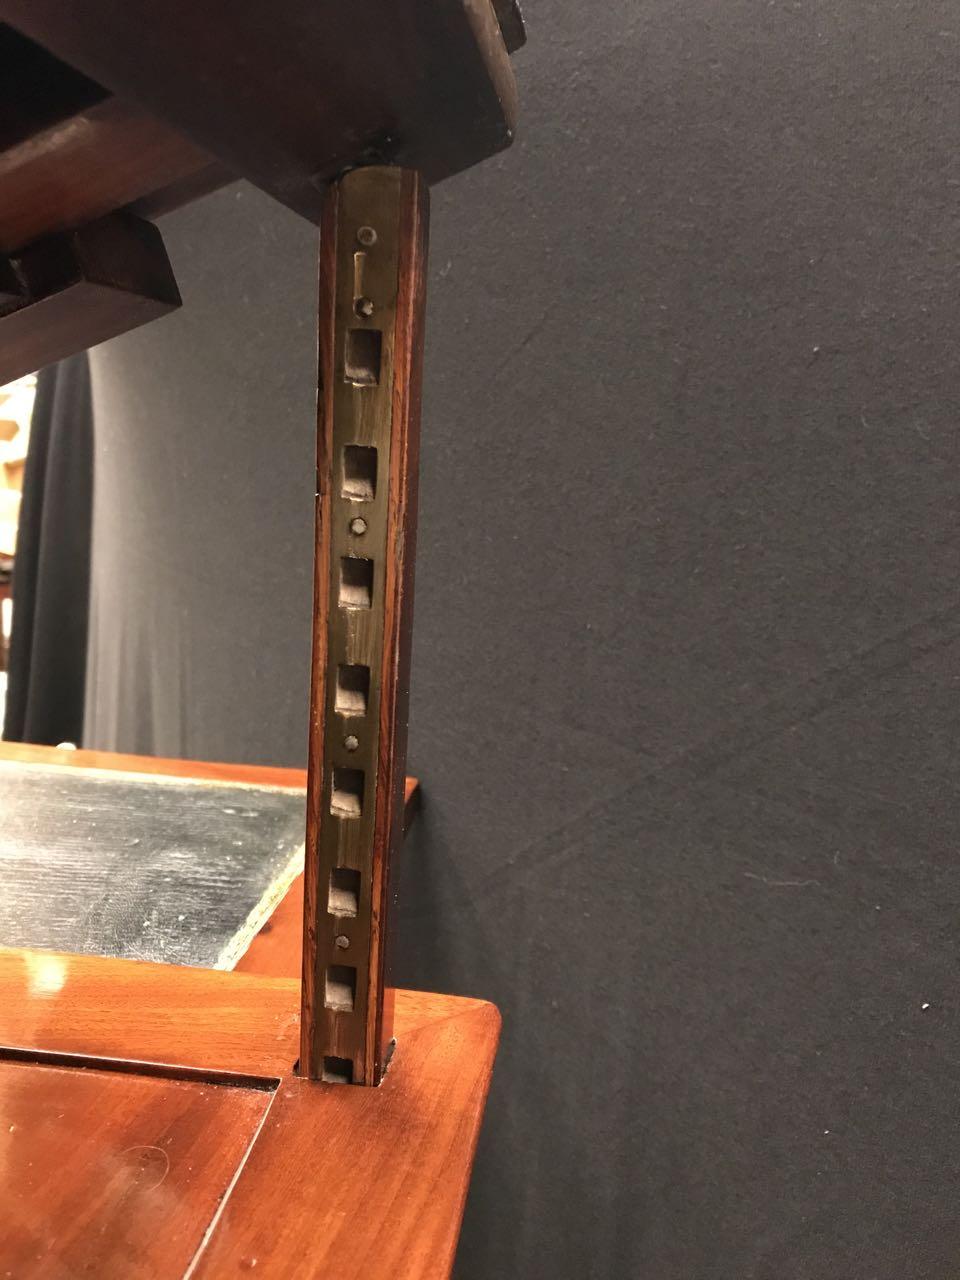 table dArchitecte dite à la Tronchin Epoque Louis XVI de forme rectangulaire en acajou et placage dacajou 36Atelier Patrice Bricout Marcq en Baroeul | Atelier Patrice Bricout